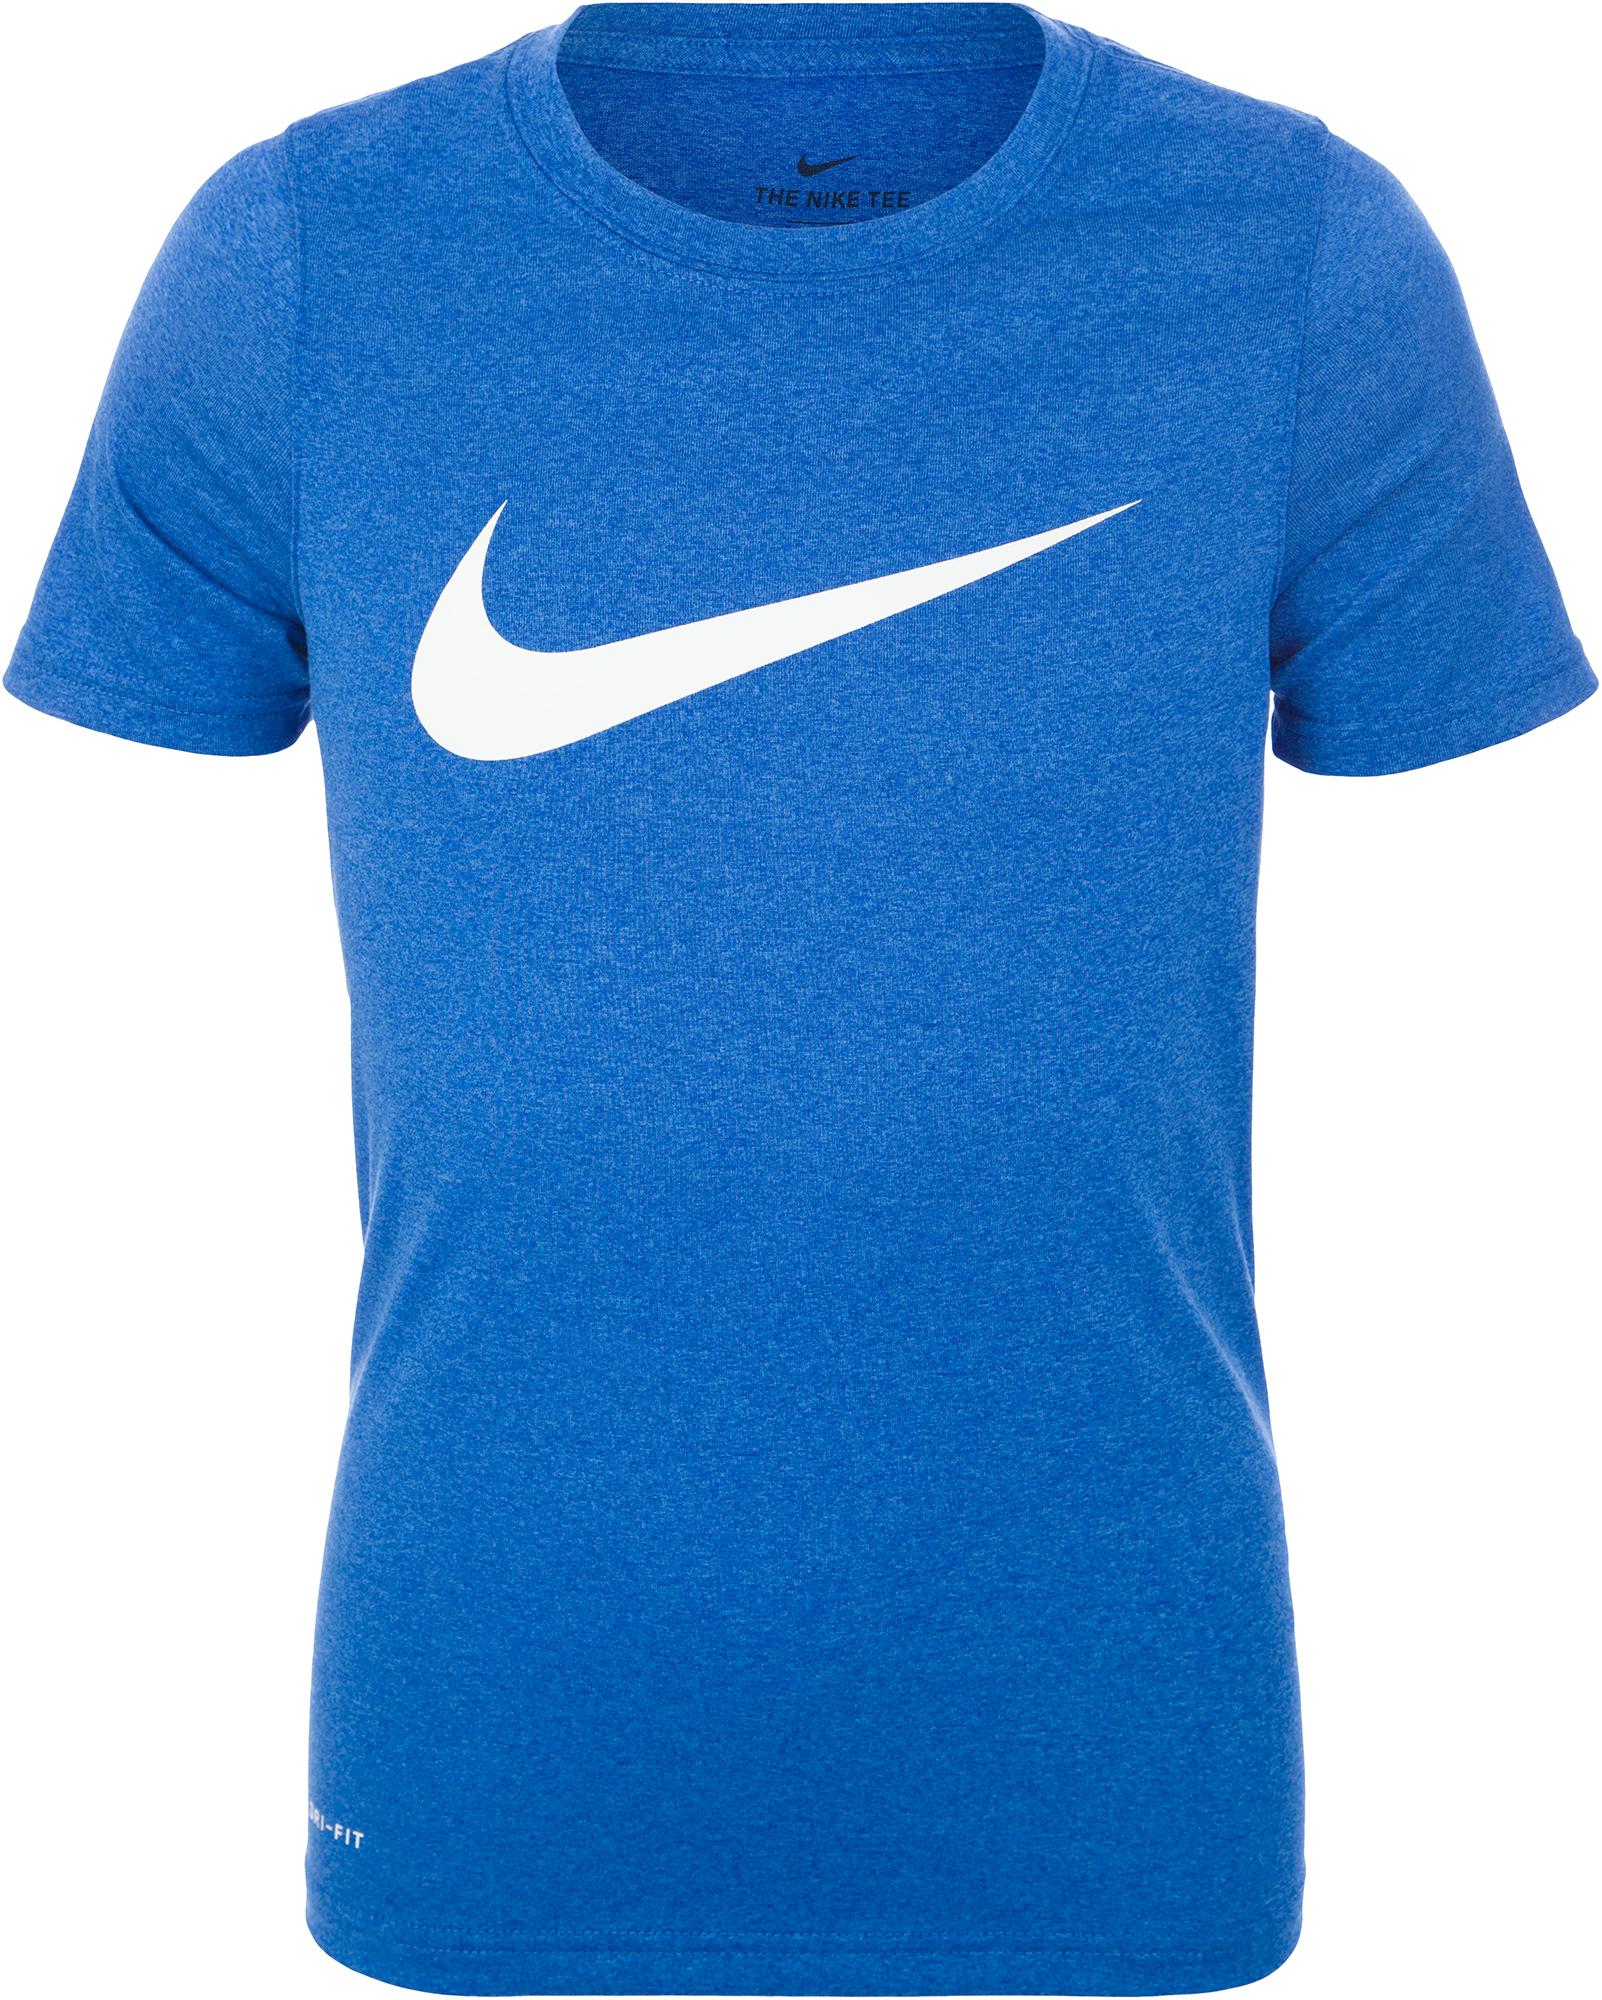 Nike Футболка для мальчиков Nike Dri-FIT, размер 137-147 цена